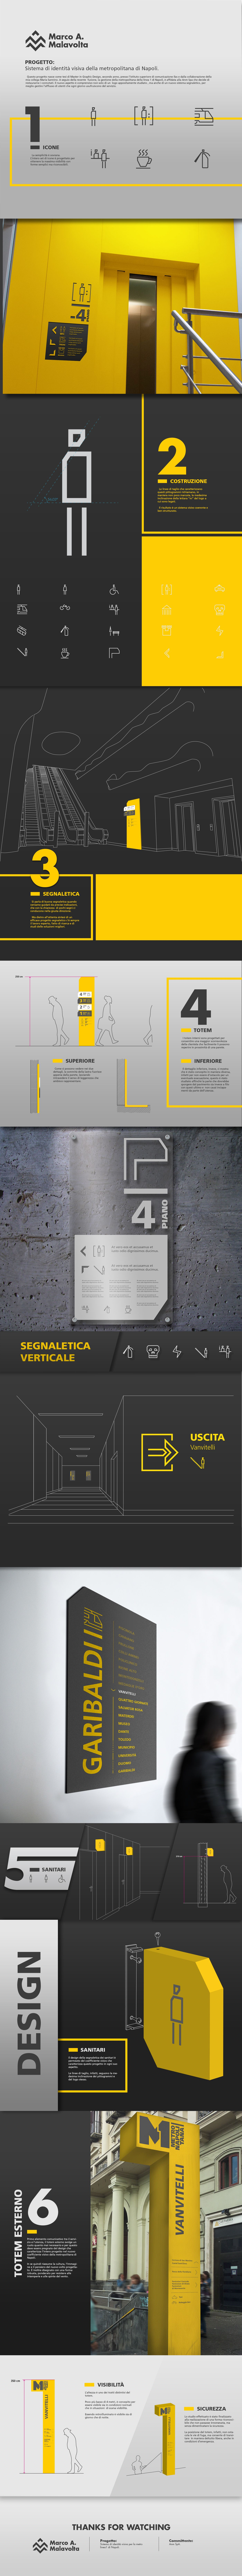 Questo progetto nasce come tesi di Master in Graphic Design, secondo anno…